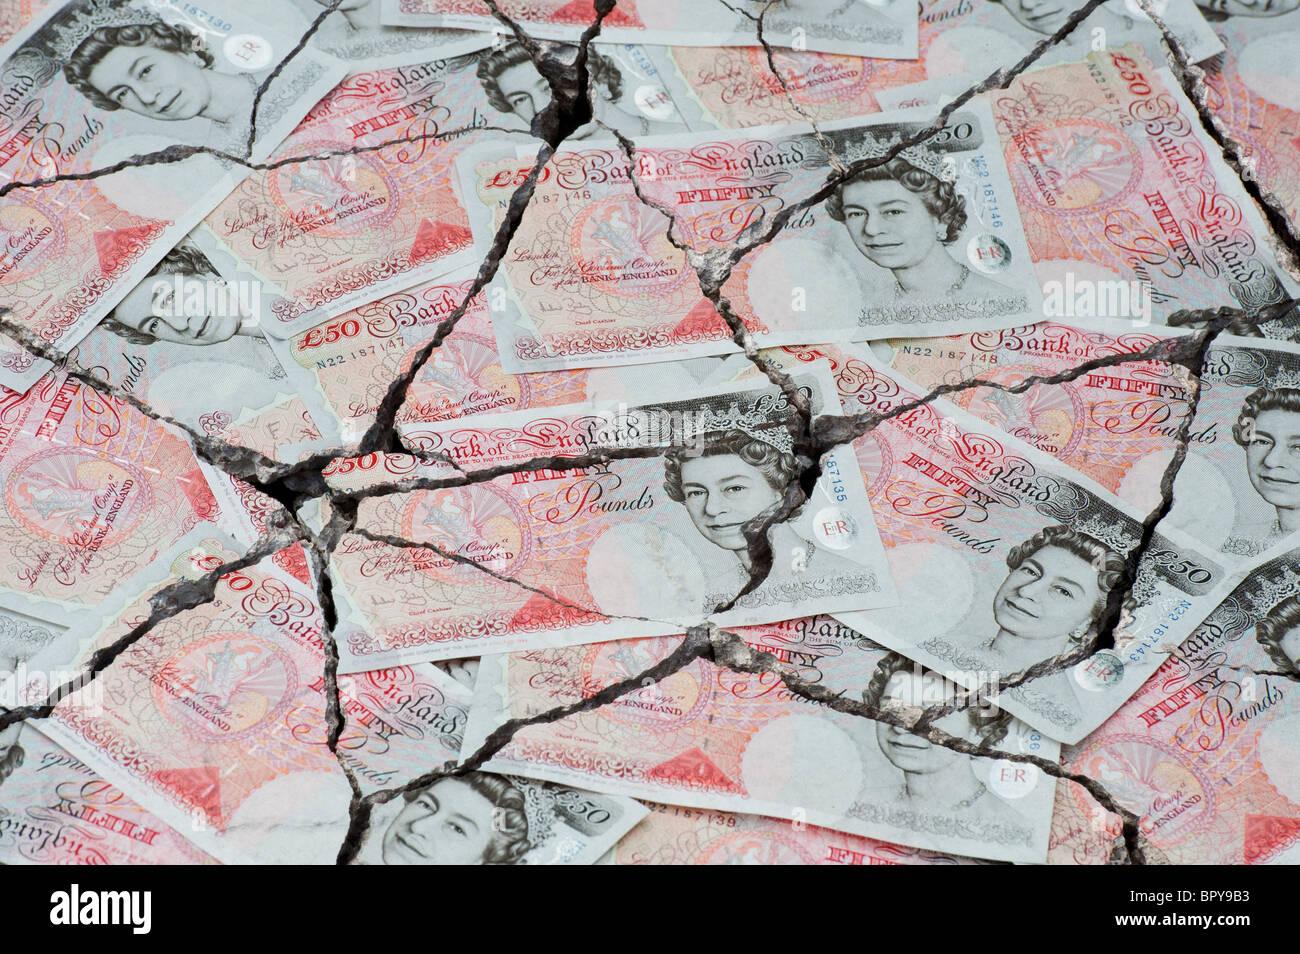 12.2005 cinquante livres concept notes pour représenter une crise économique Photo Stock